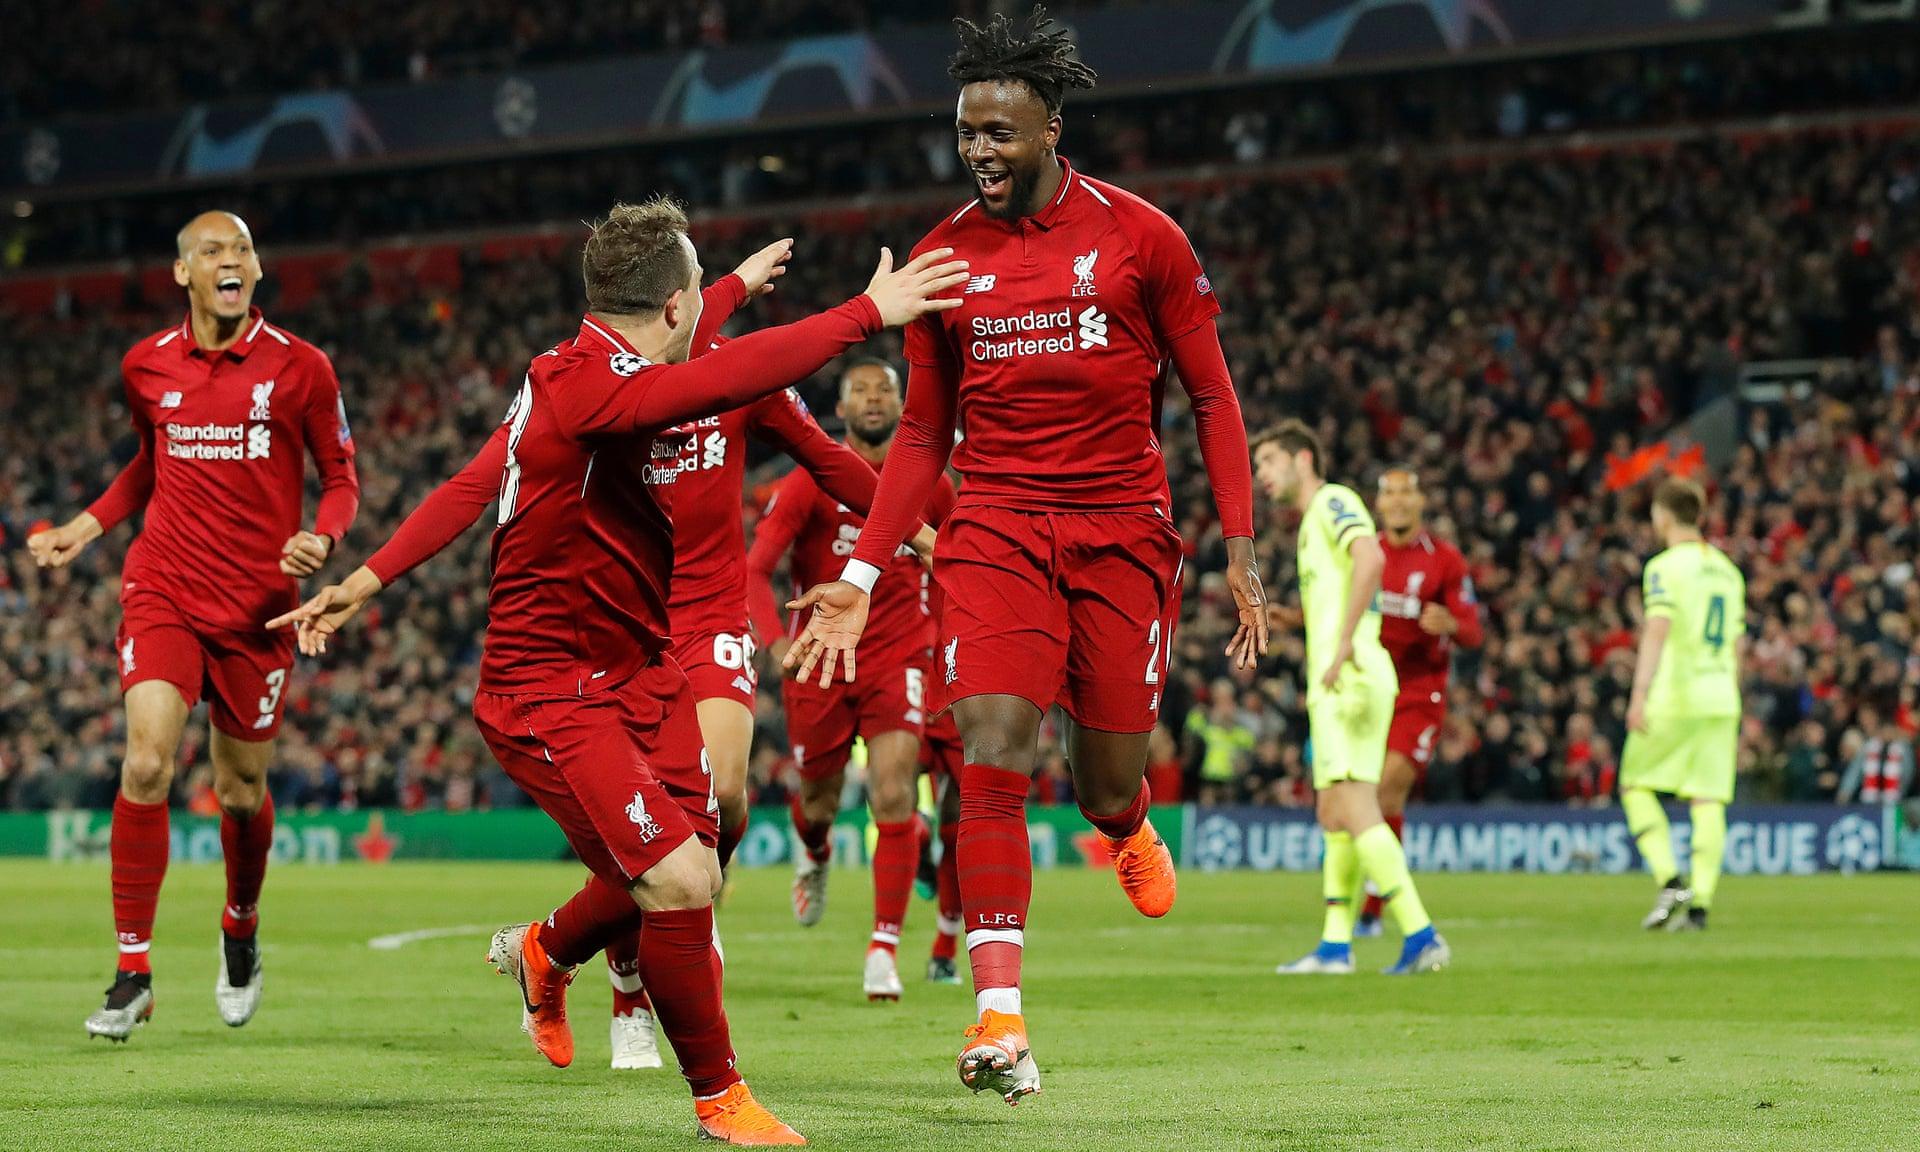 Analistët/ Pa shpjegim pas mbrëmjes së paharrueshme të Liverpool!